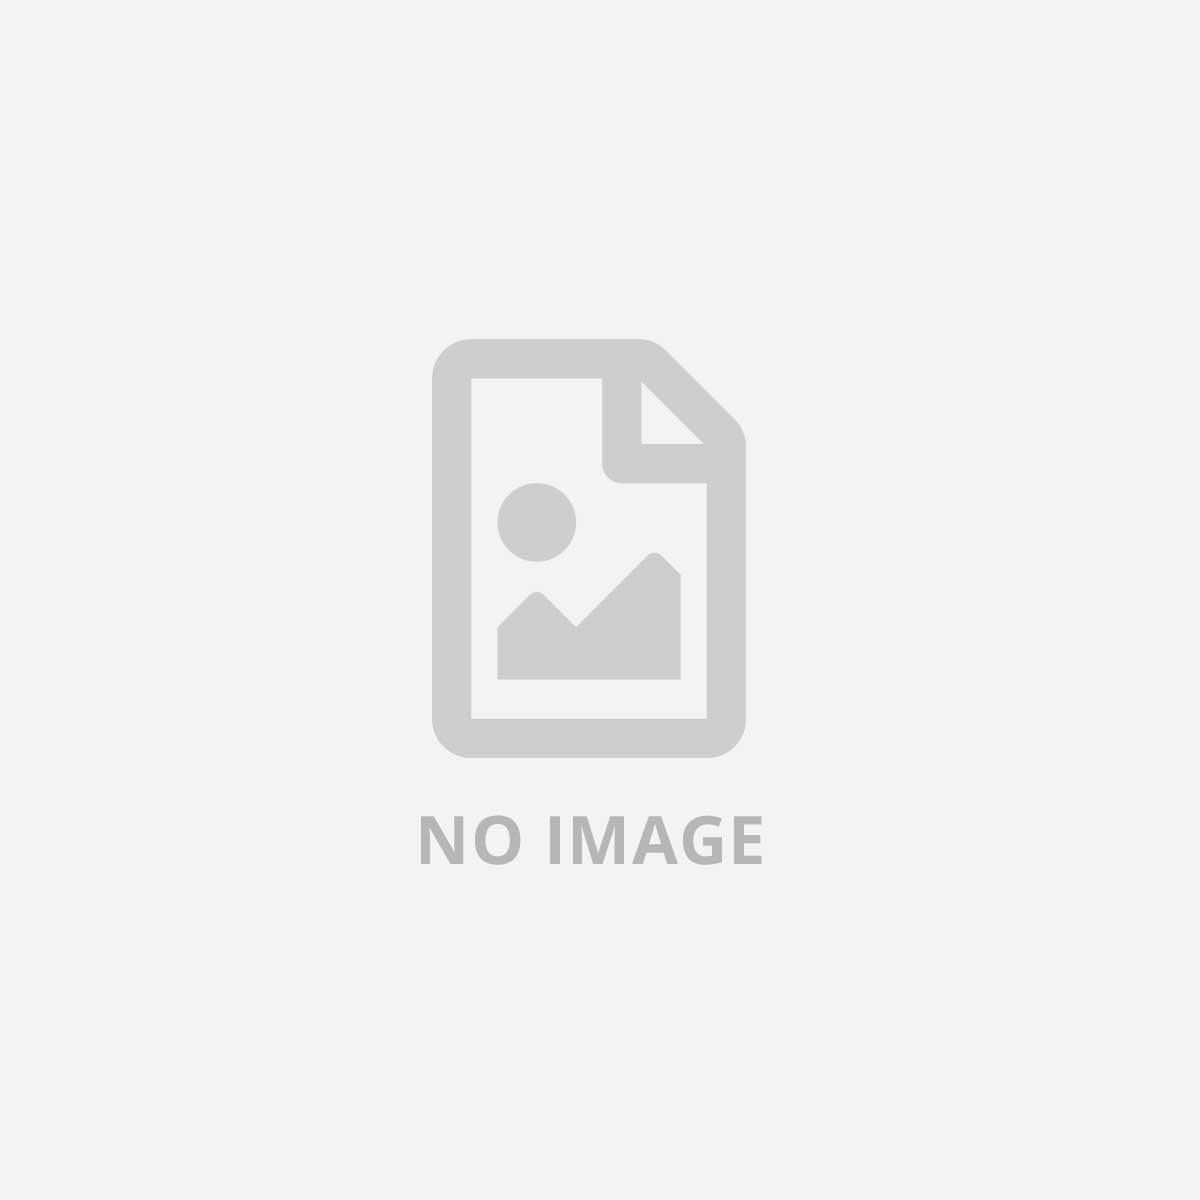 ASUS ROG-STRIX-850G-WHITE